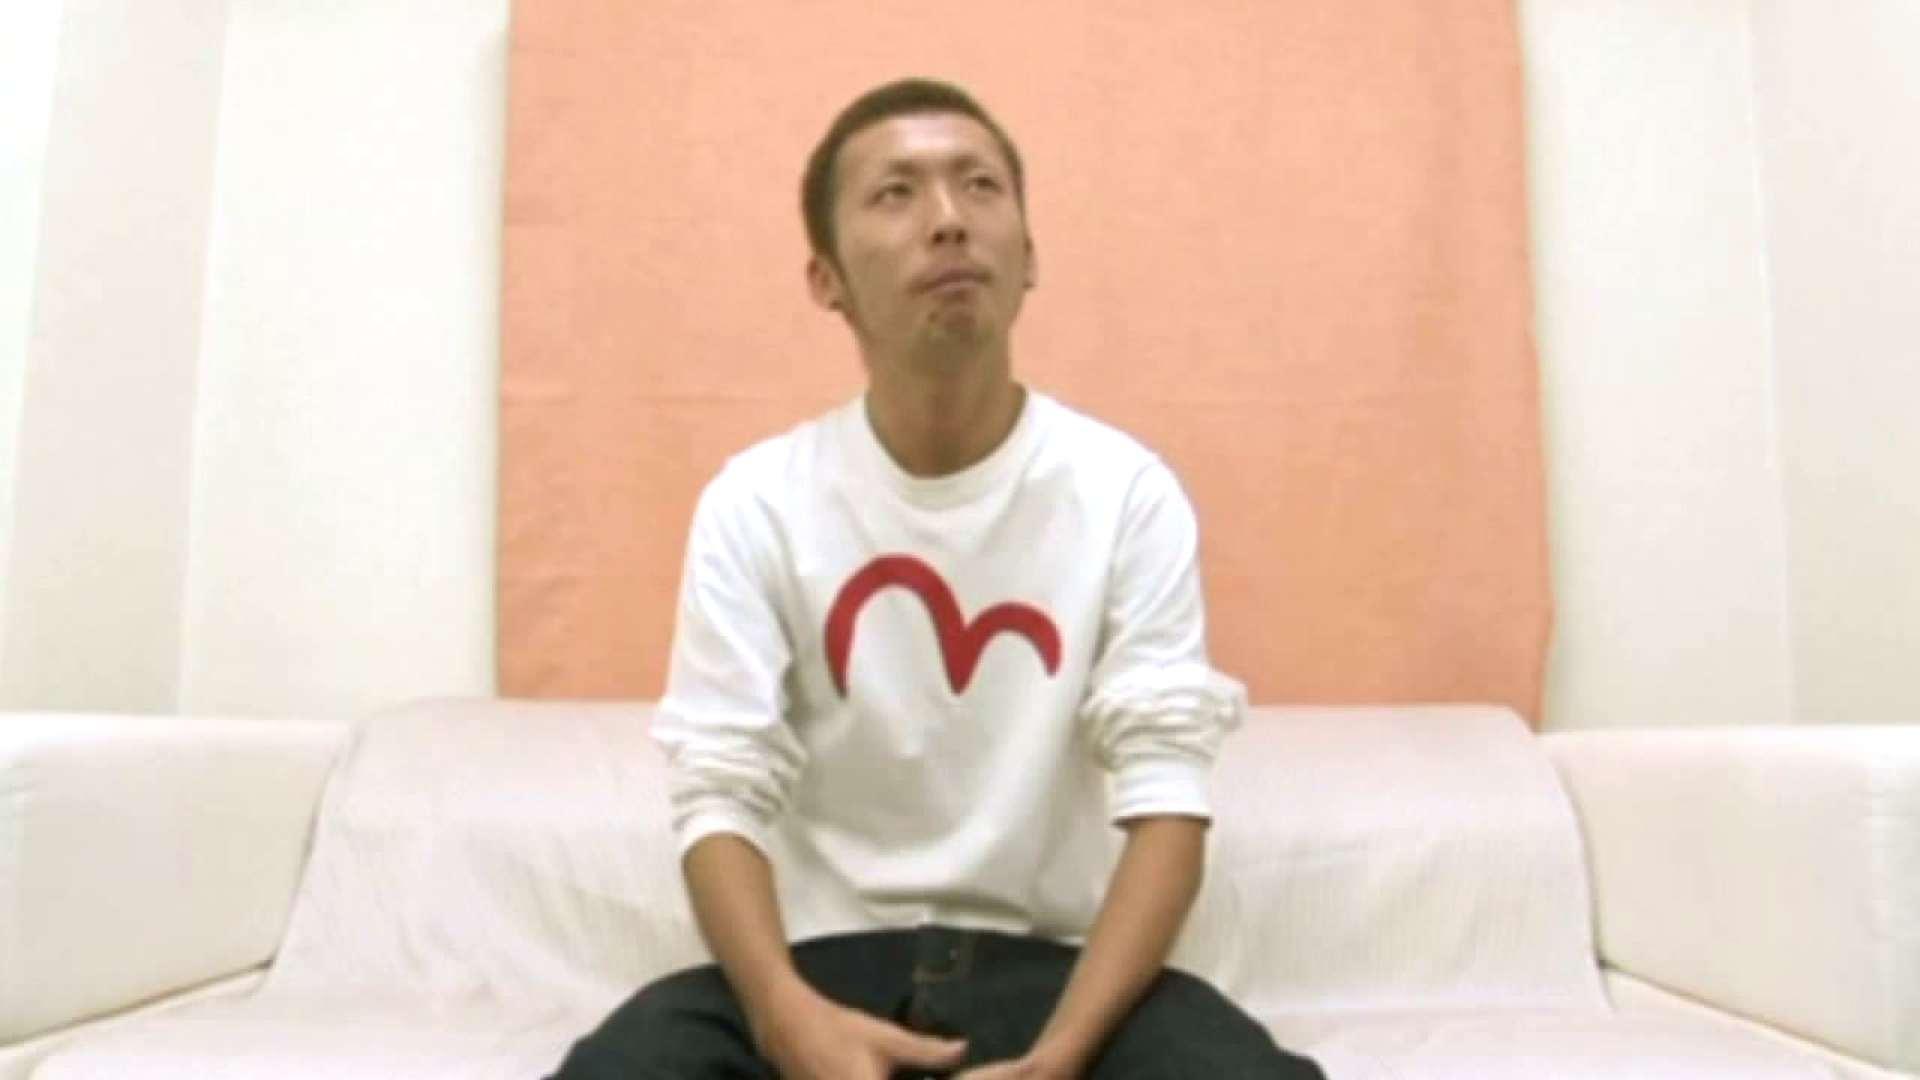 ノンケ!自慰スタジオ No.11 自慰  61pic